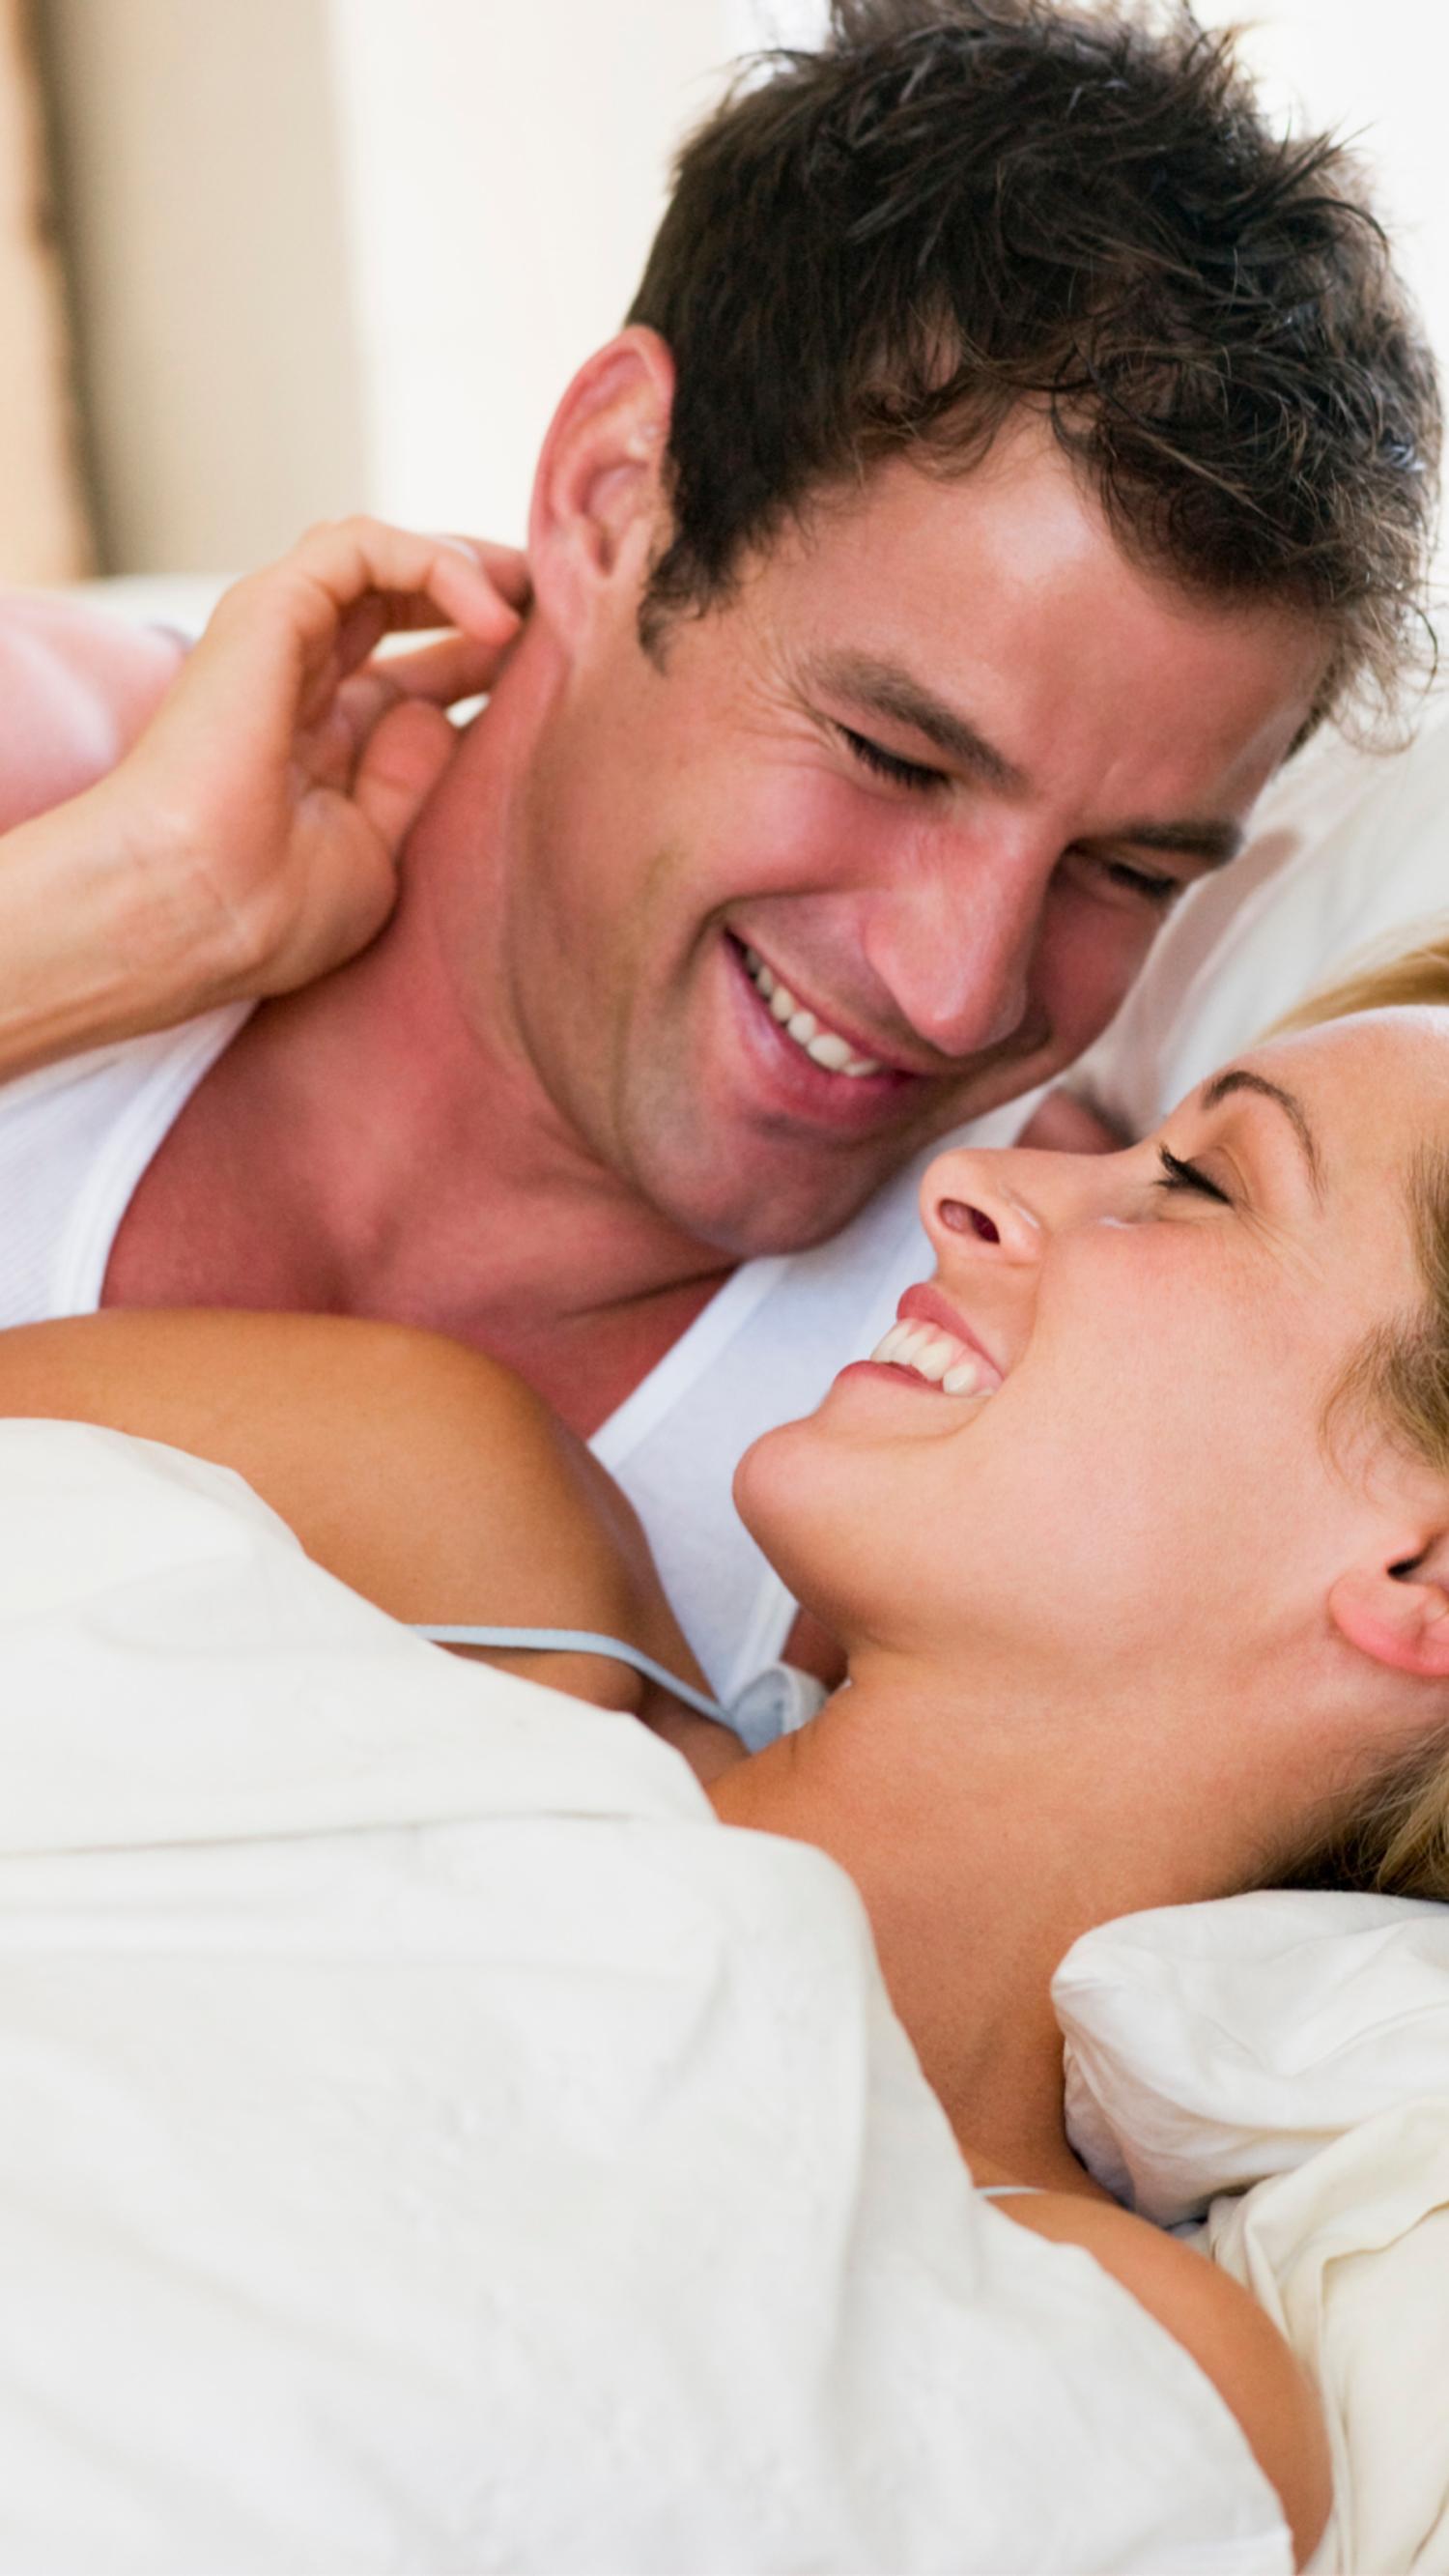 suosittu Afrikkalainen dating sites